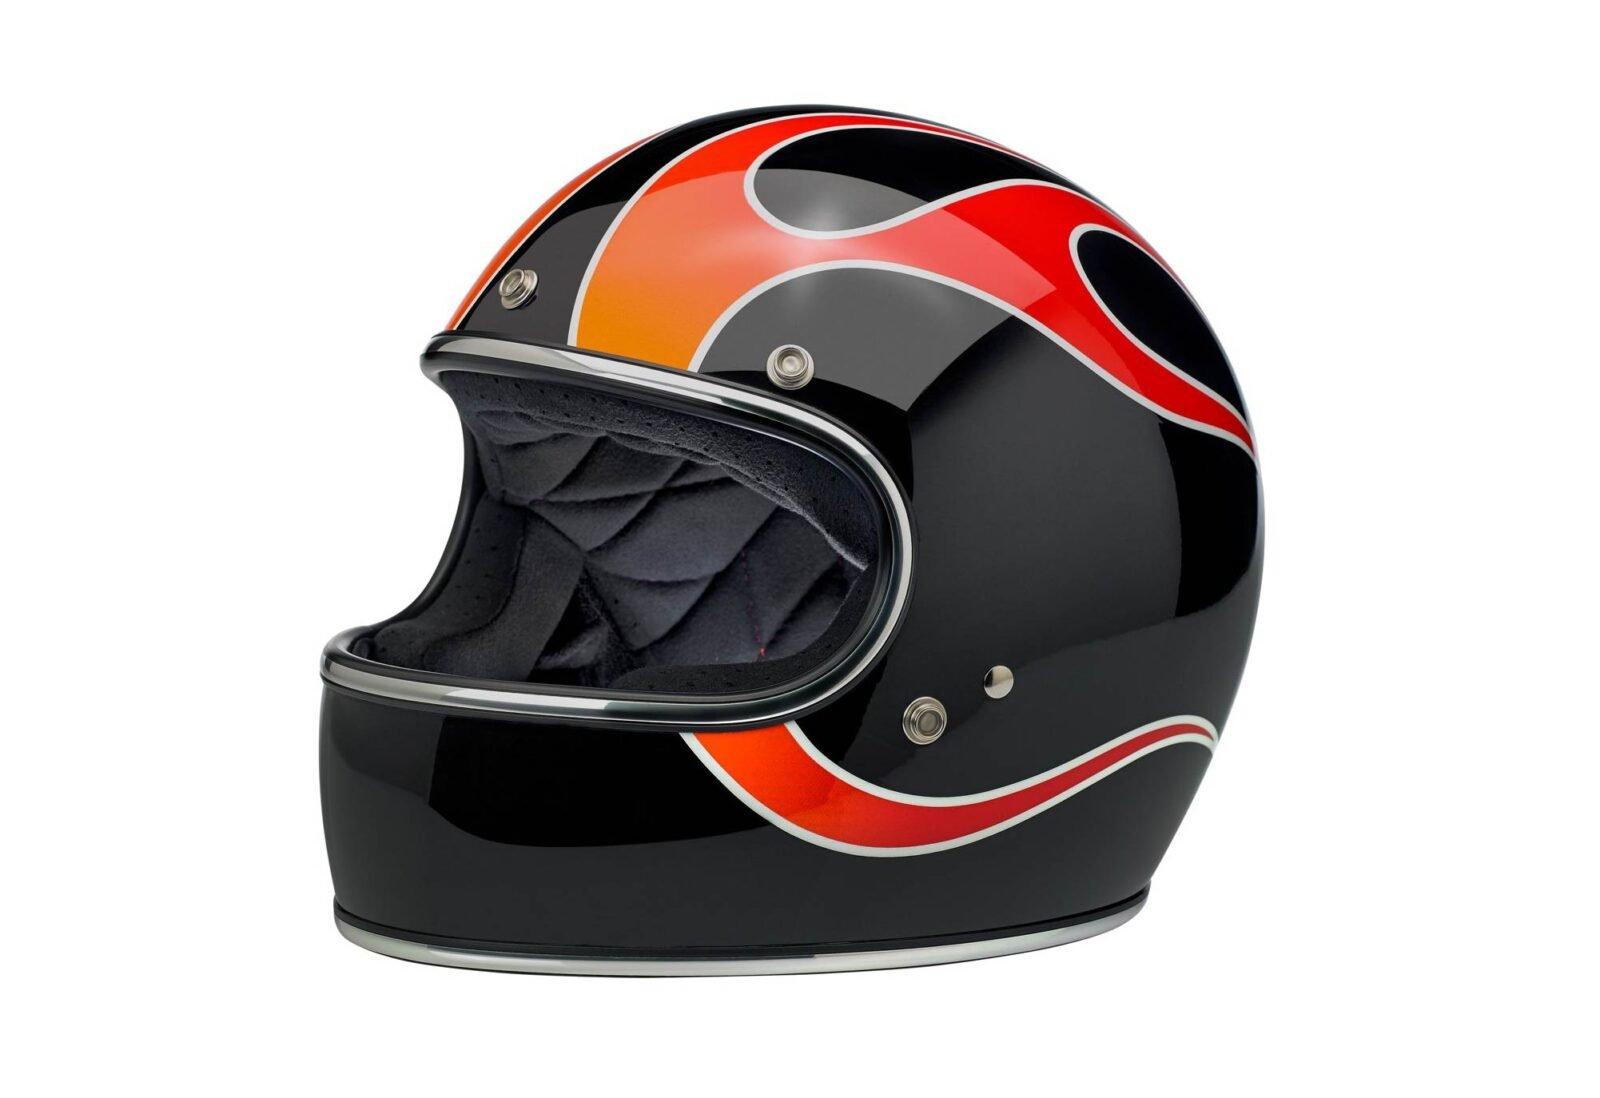 Biltwell Gringo ECE Dice Flame Helmet